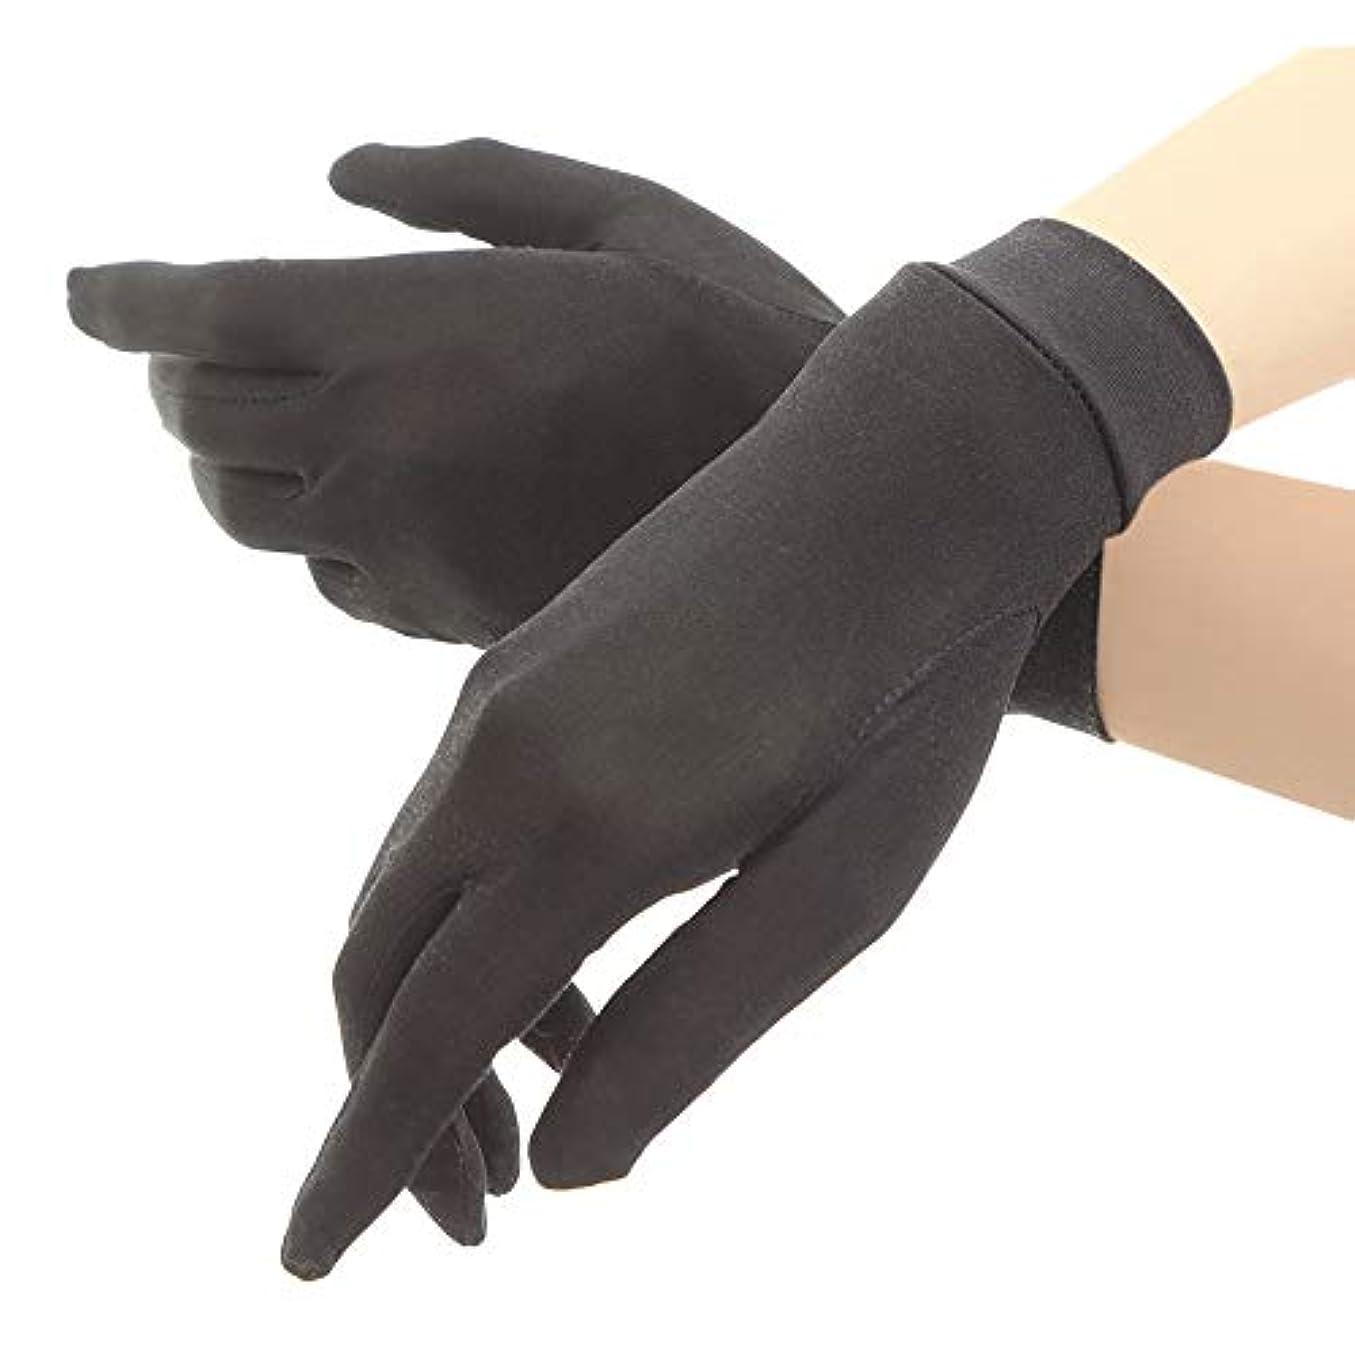 ホップランドマークシリングシルク手袋 レディース 手袋 シルク 絹 ハンド ケア 保湿 紫外線 肌荒れ 乾燥 サイズアップで手指にマッチ 【macch】